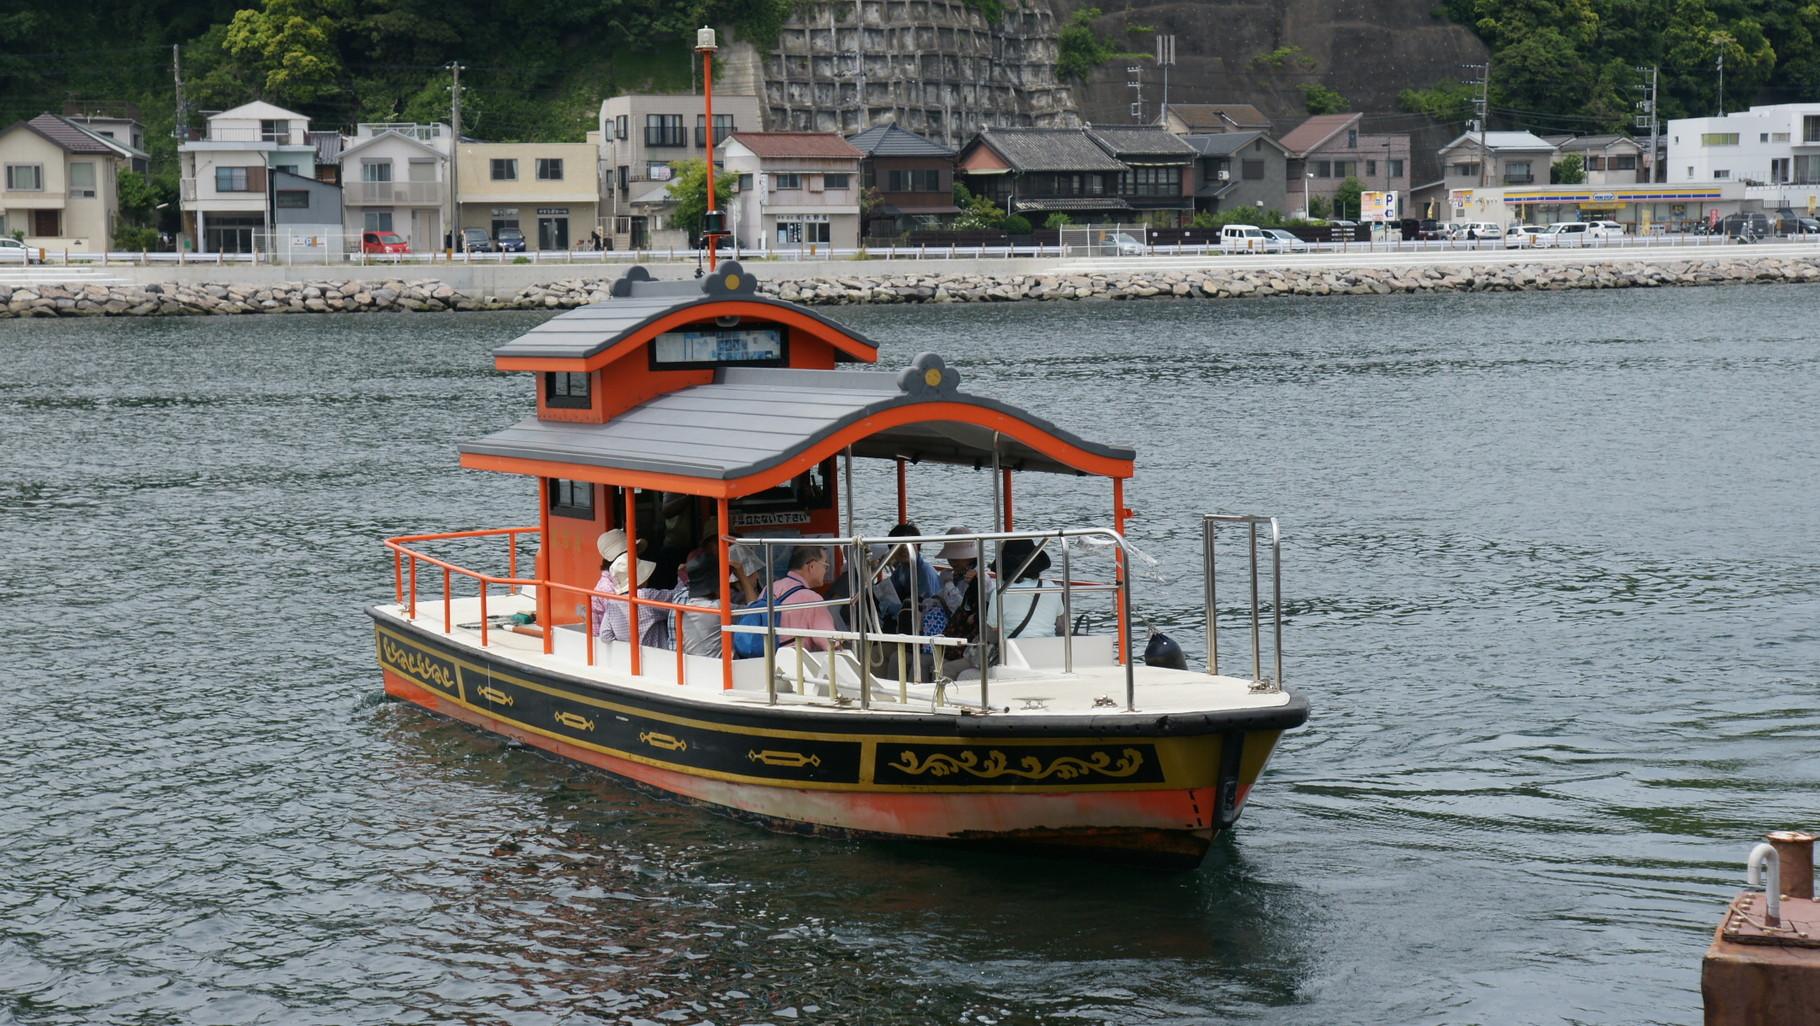 浦賀の渡し、1722年にはすでに運航していた記録あり。片道218mを150円15名まで。